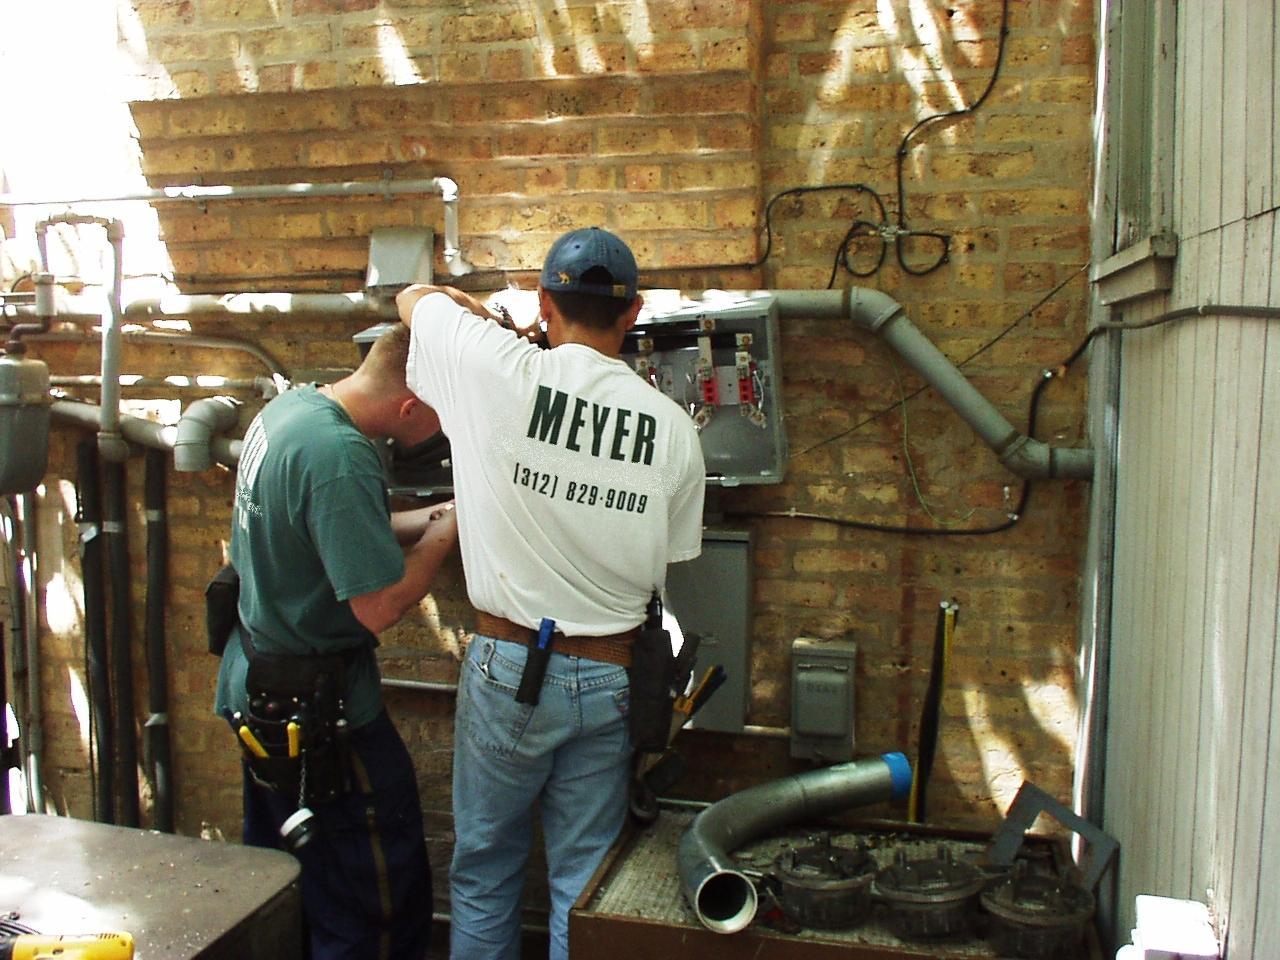 Installing new meter bank